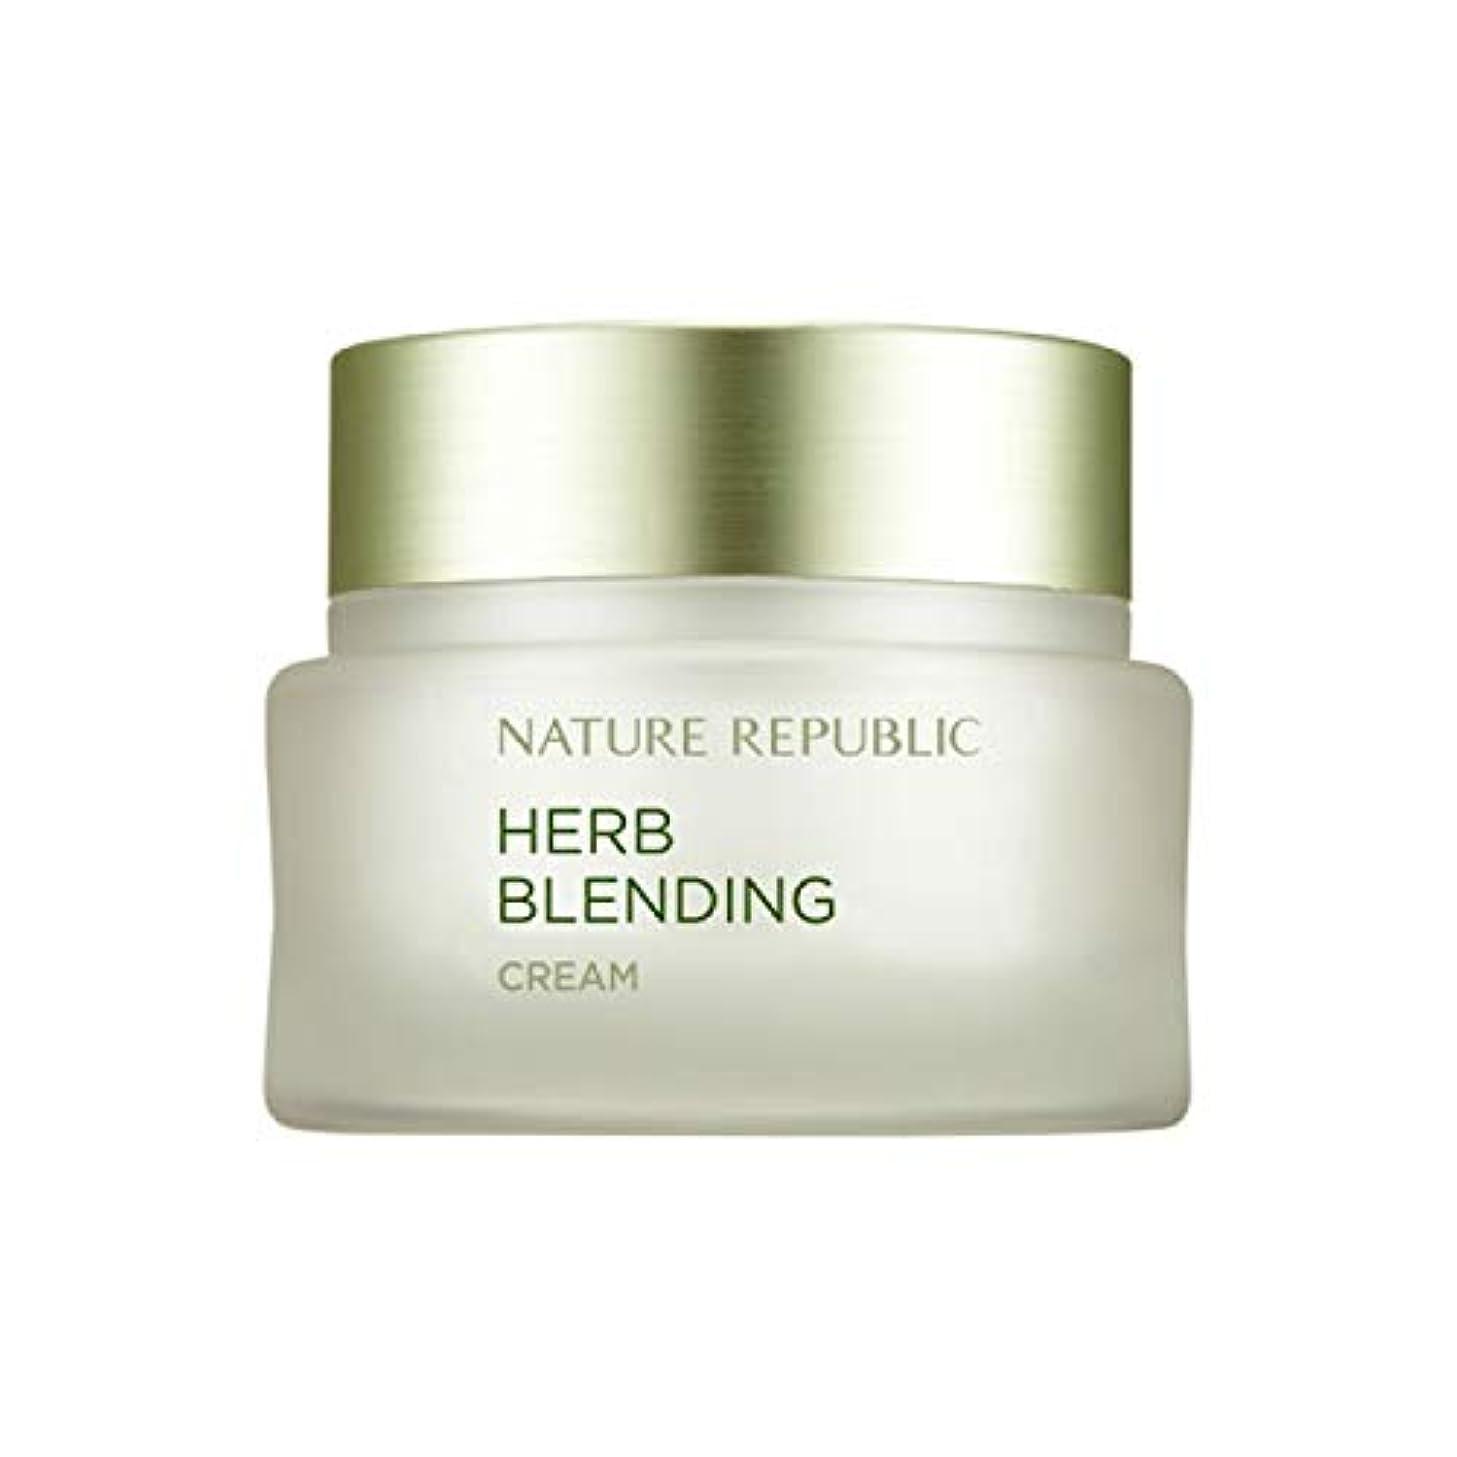 揮発性夢中アンデス山脈ネイチャーリパブリック(Nature Republic)ハブブレンドクリーム 50ml / Herb Blending Cream 50ml :: 韓国コスメ [並行輸入品]